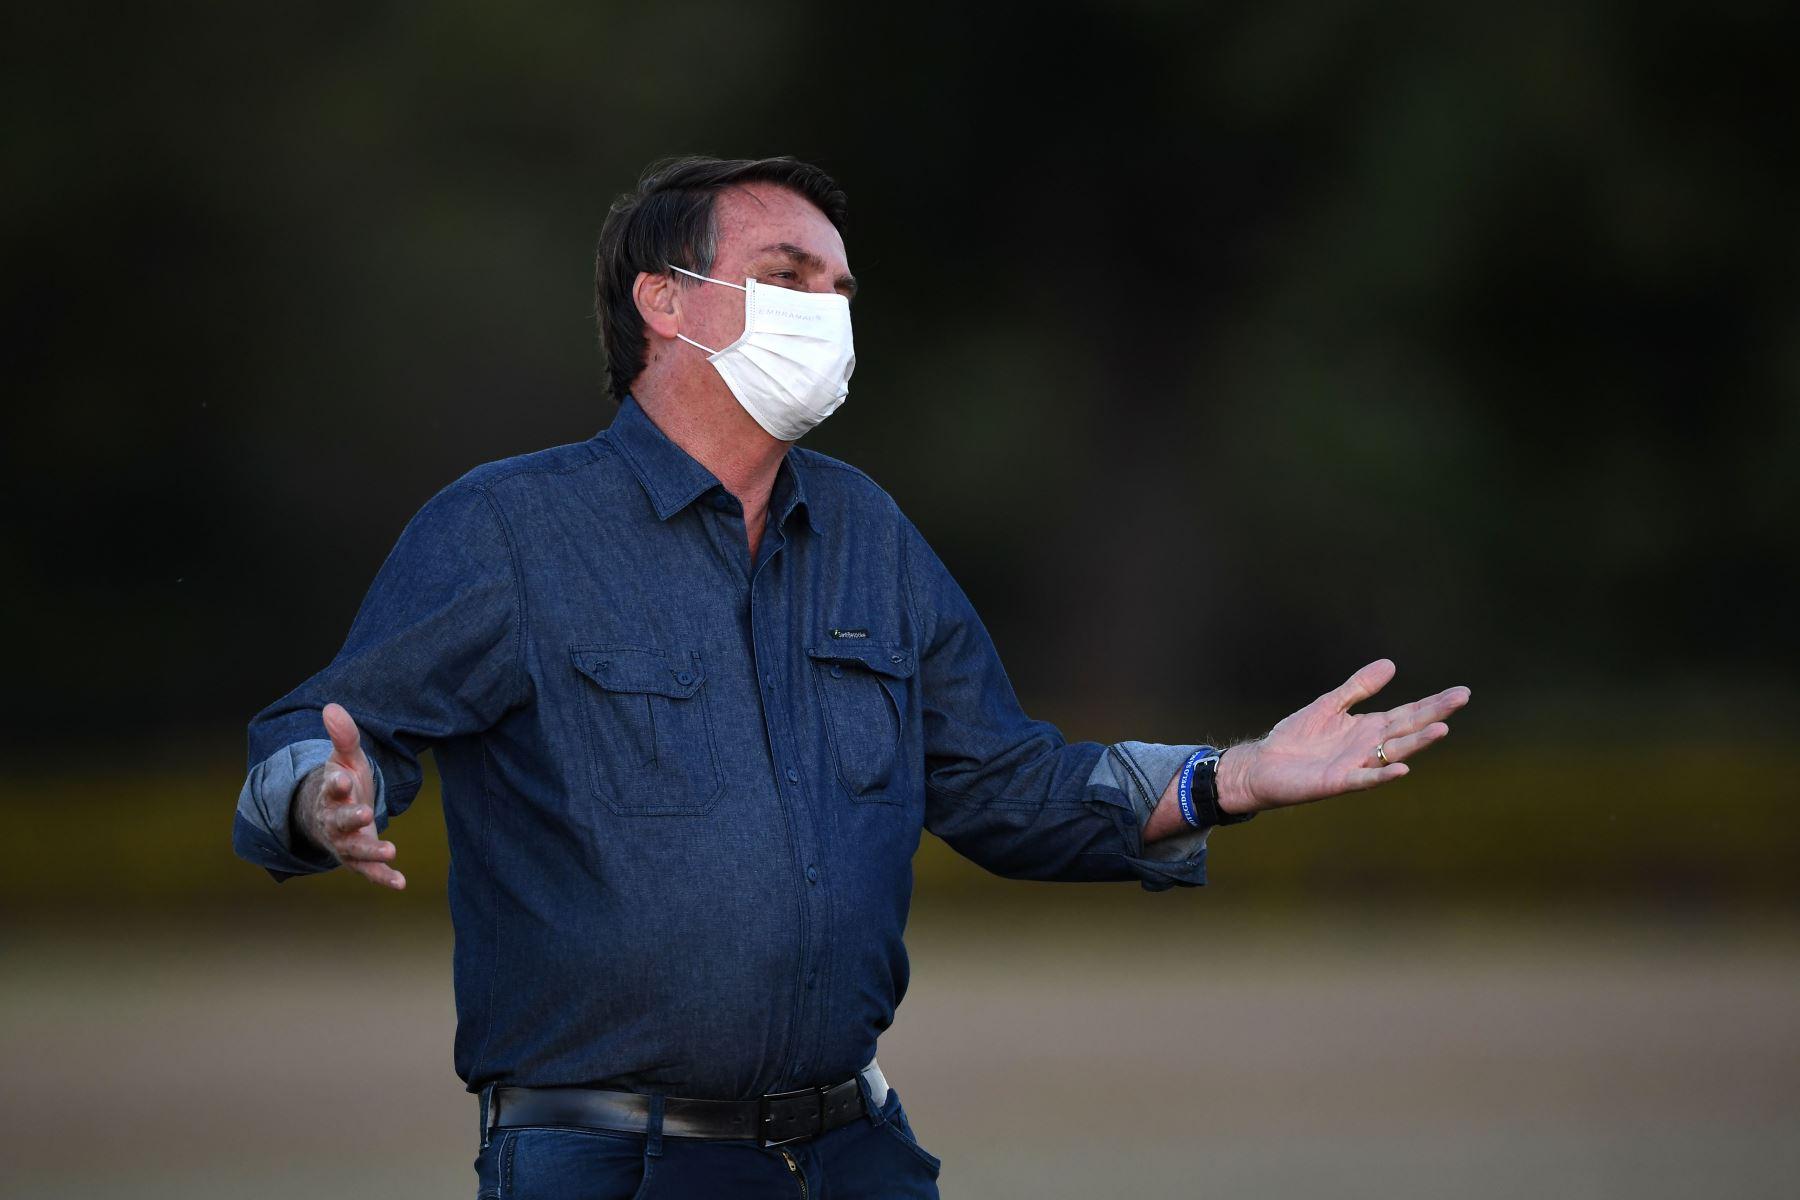 El mandatario, de 65 años, aseguró que está sin síntomas y que está funcionado el tratamiento con hidroxicloroquina. Foto: AFP